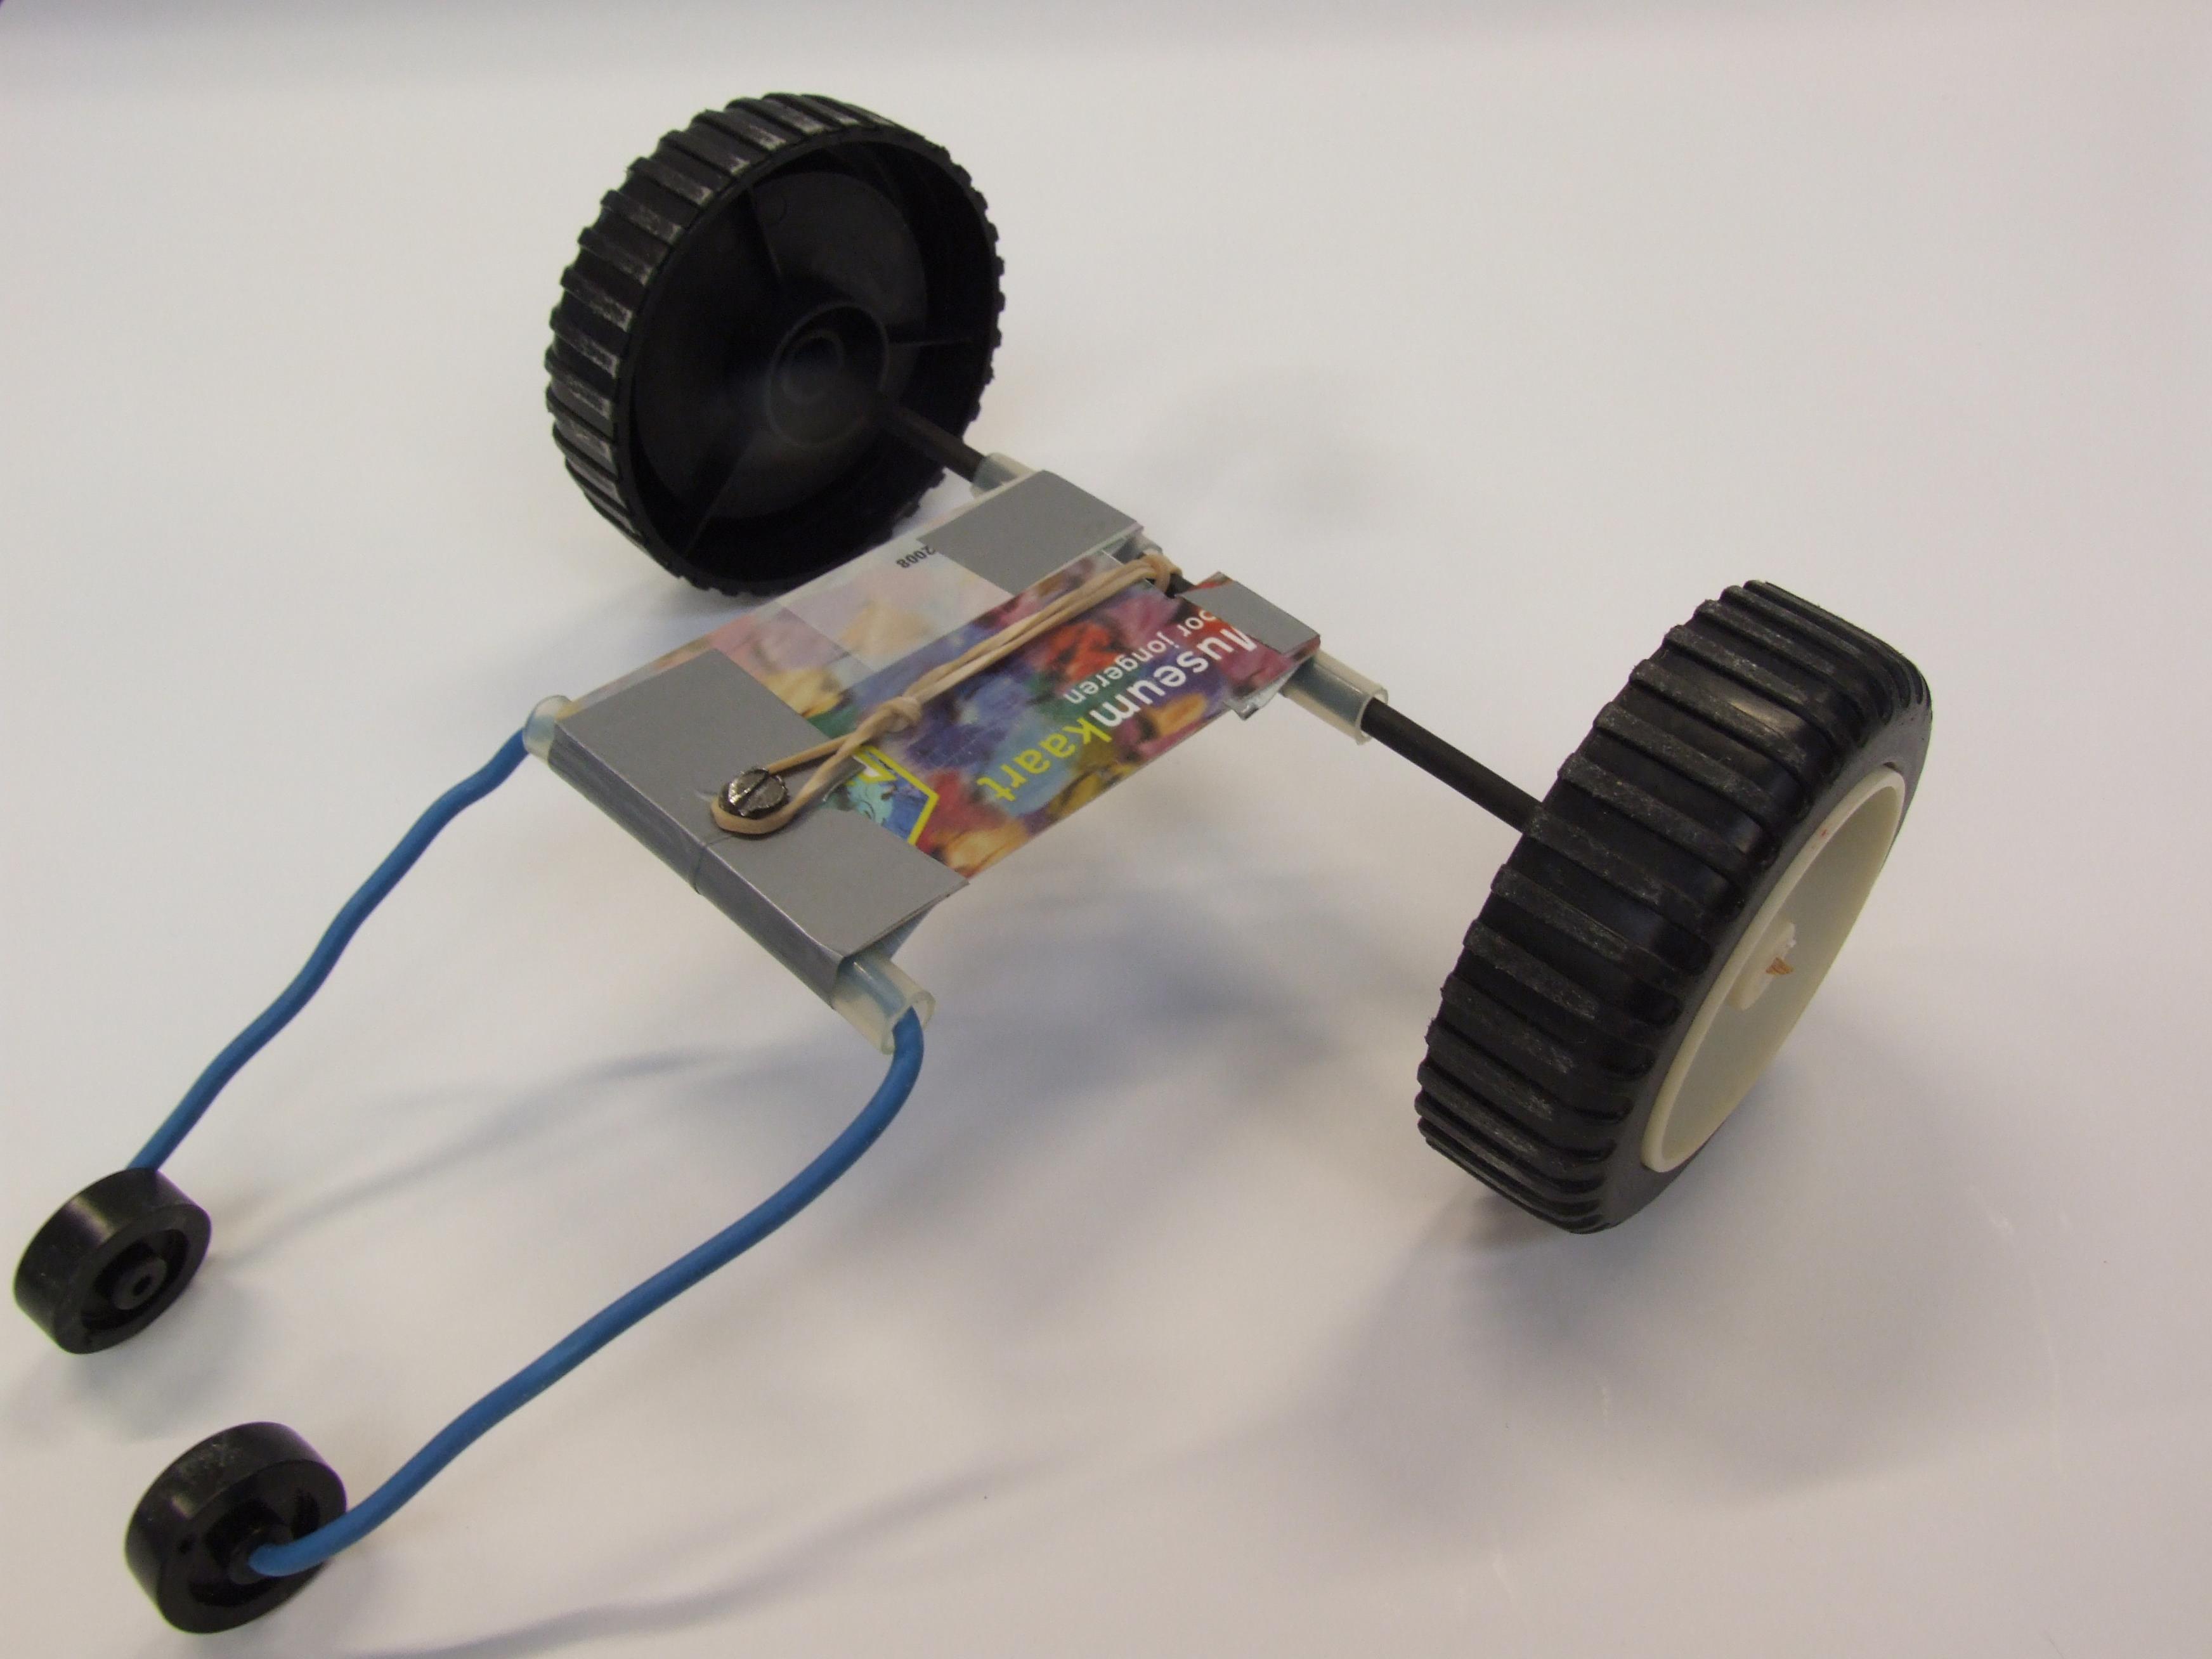 -Uitvinden/ techniek kinderen